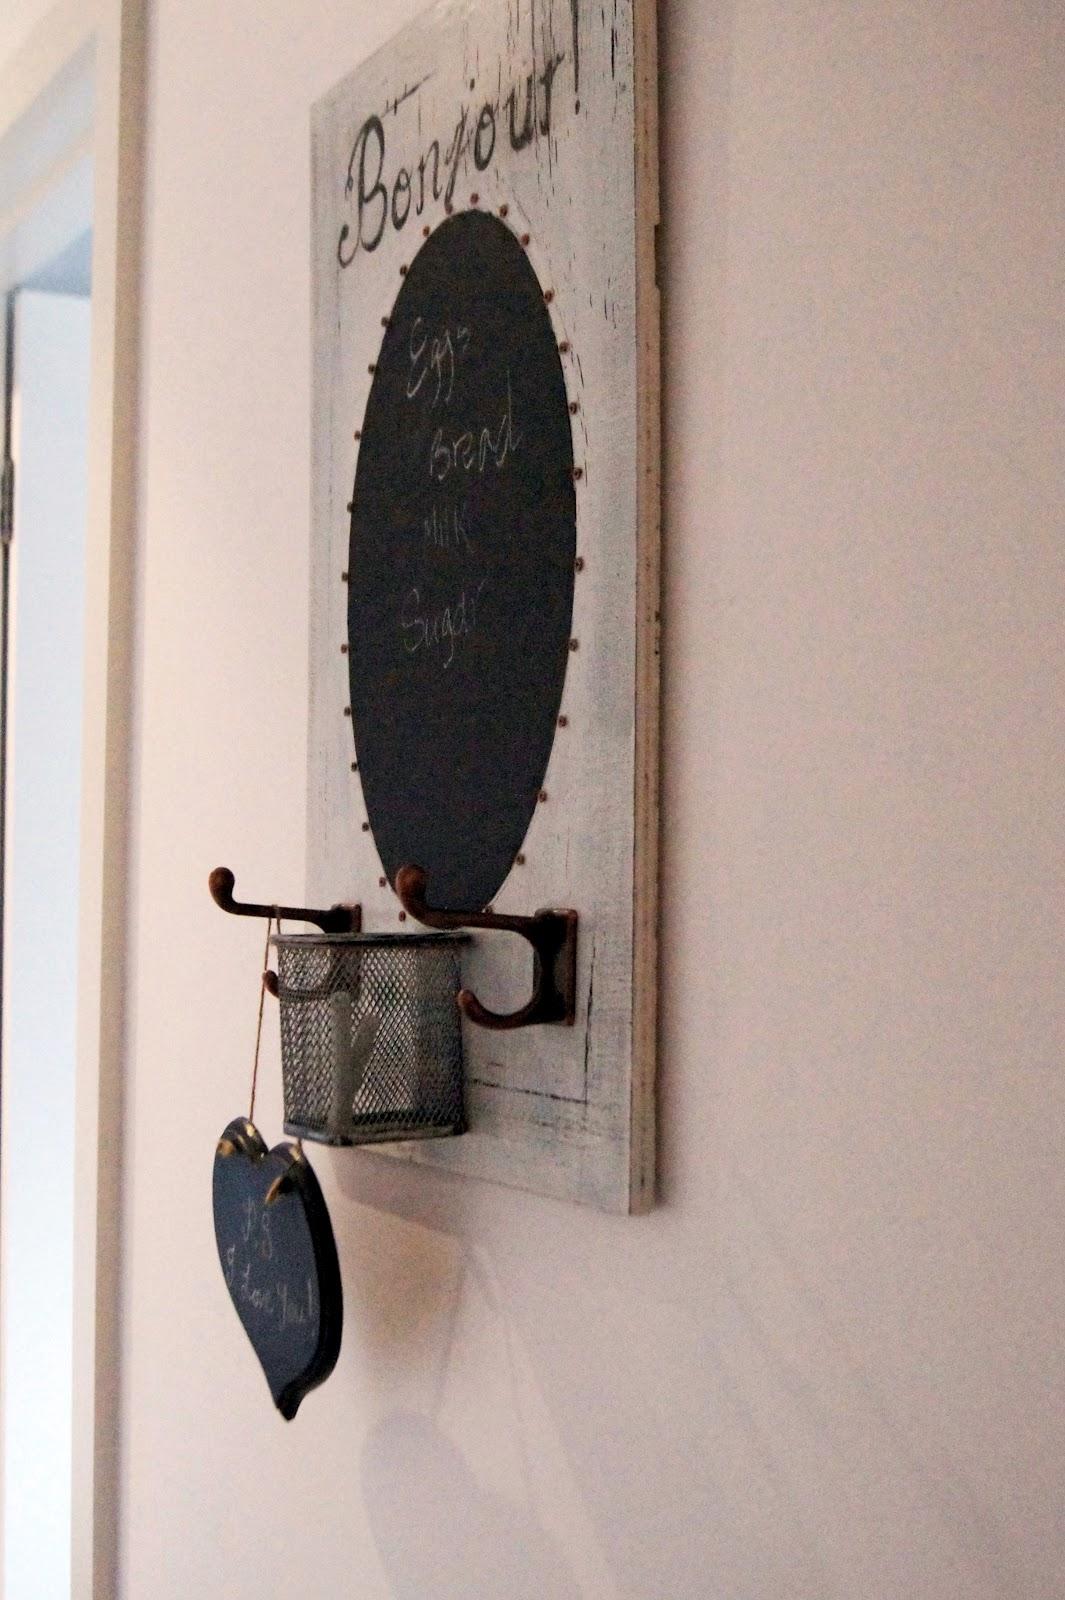 La Maison Jolie Chalkboard Message Board